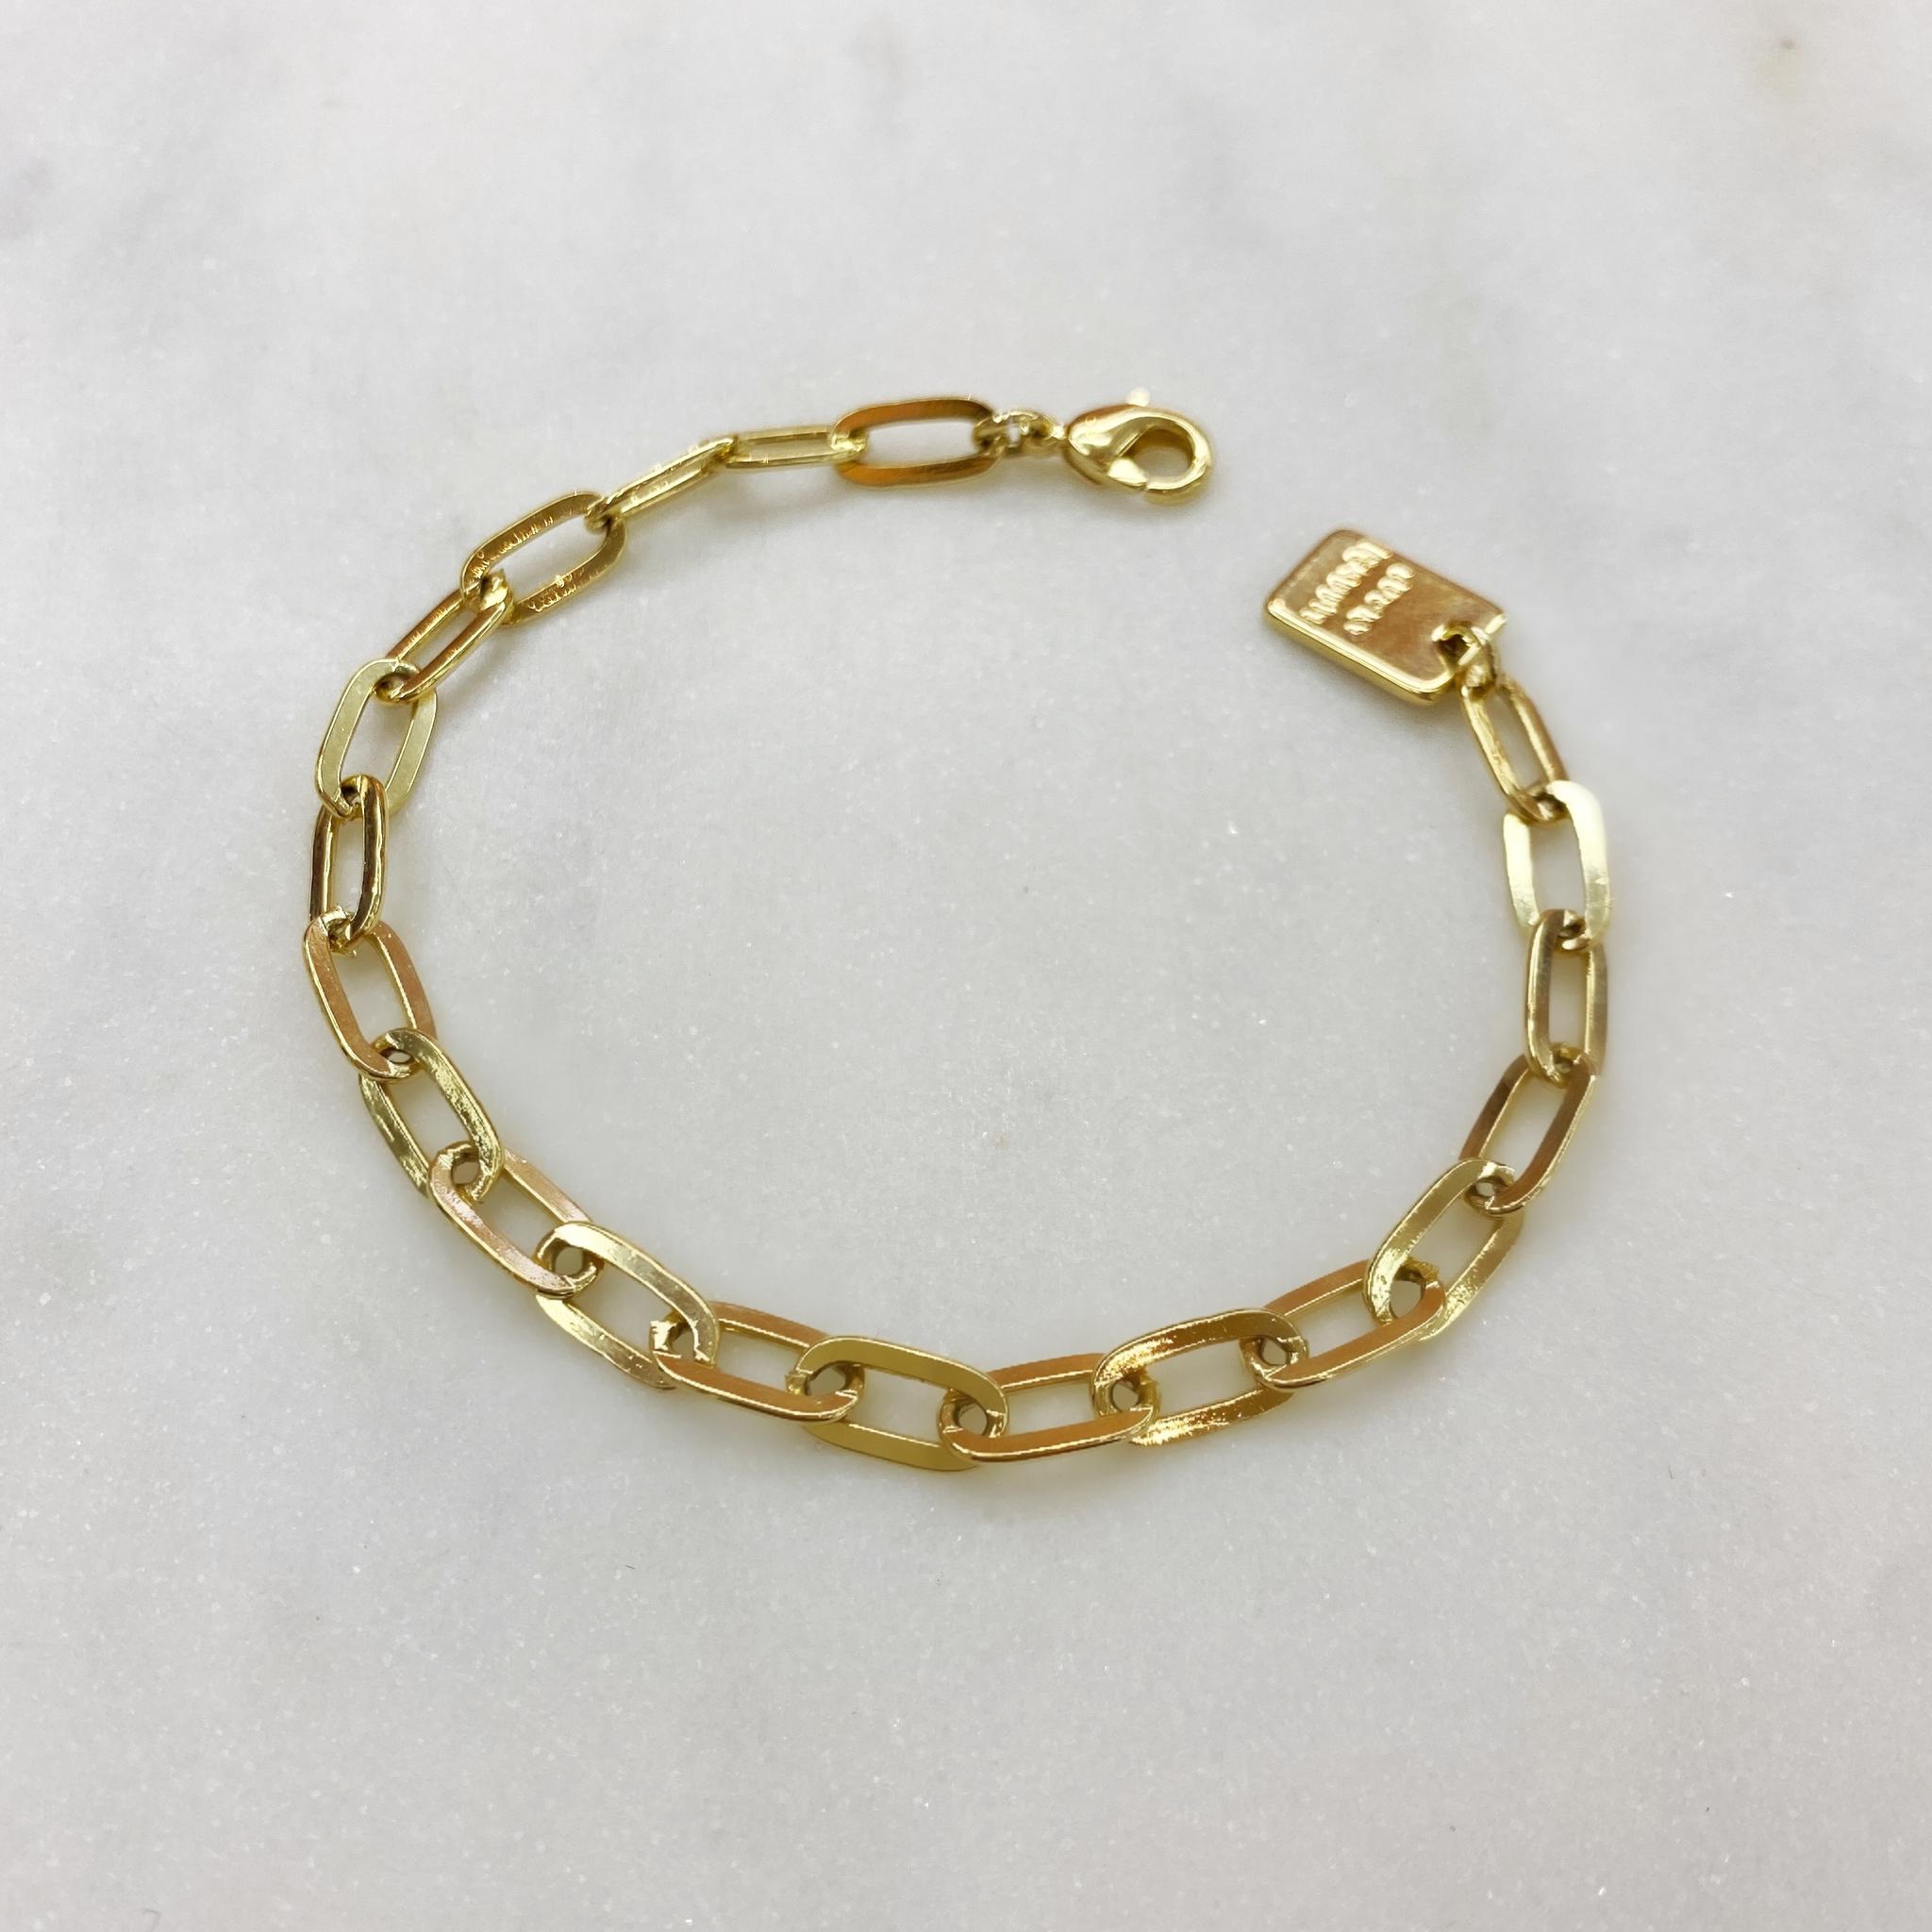 Браслет-цепь якорного плетения с медальоном (золотистый)